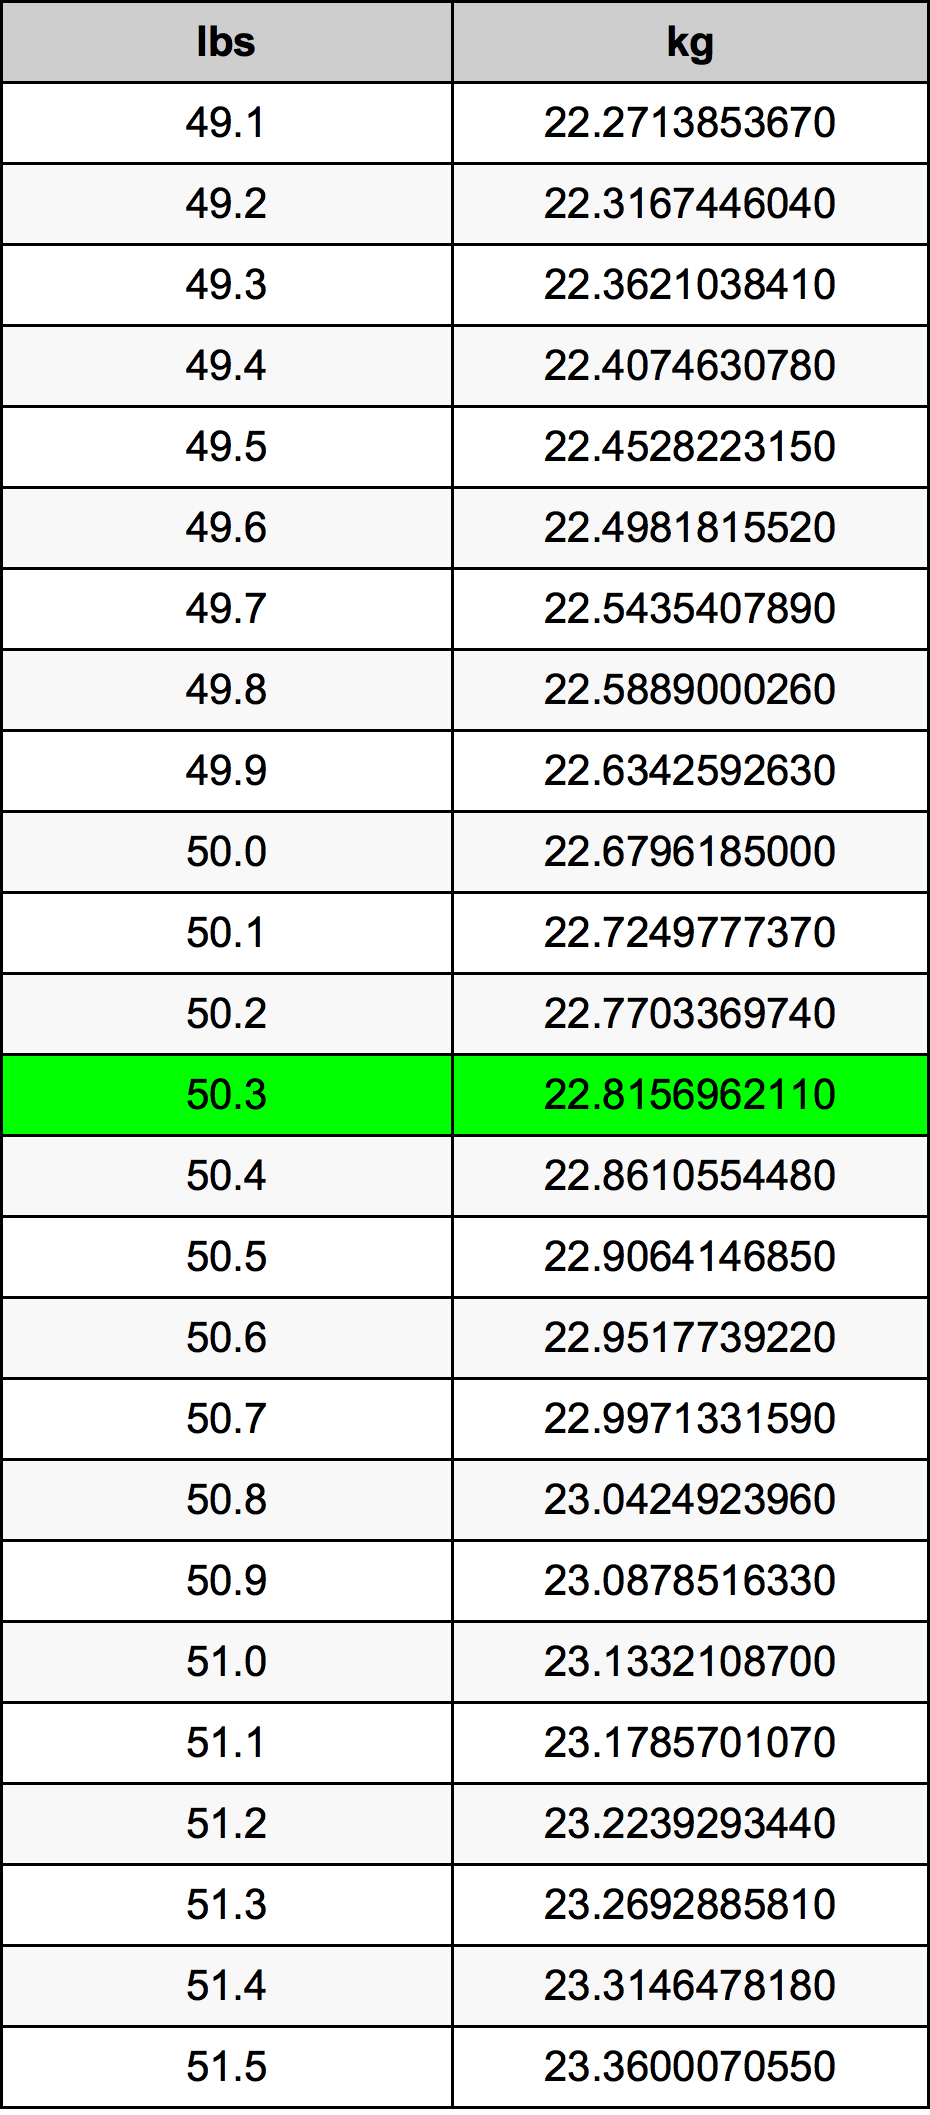 50.3 livră tabelul de conversie